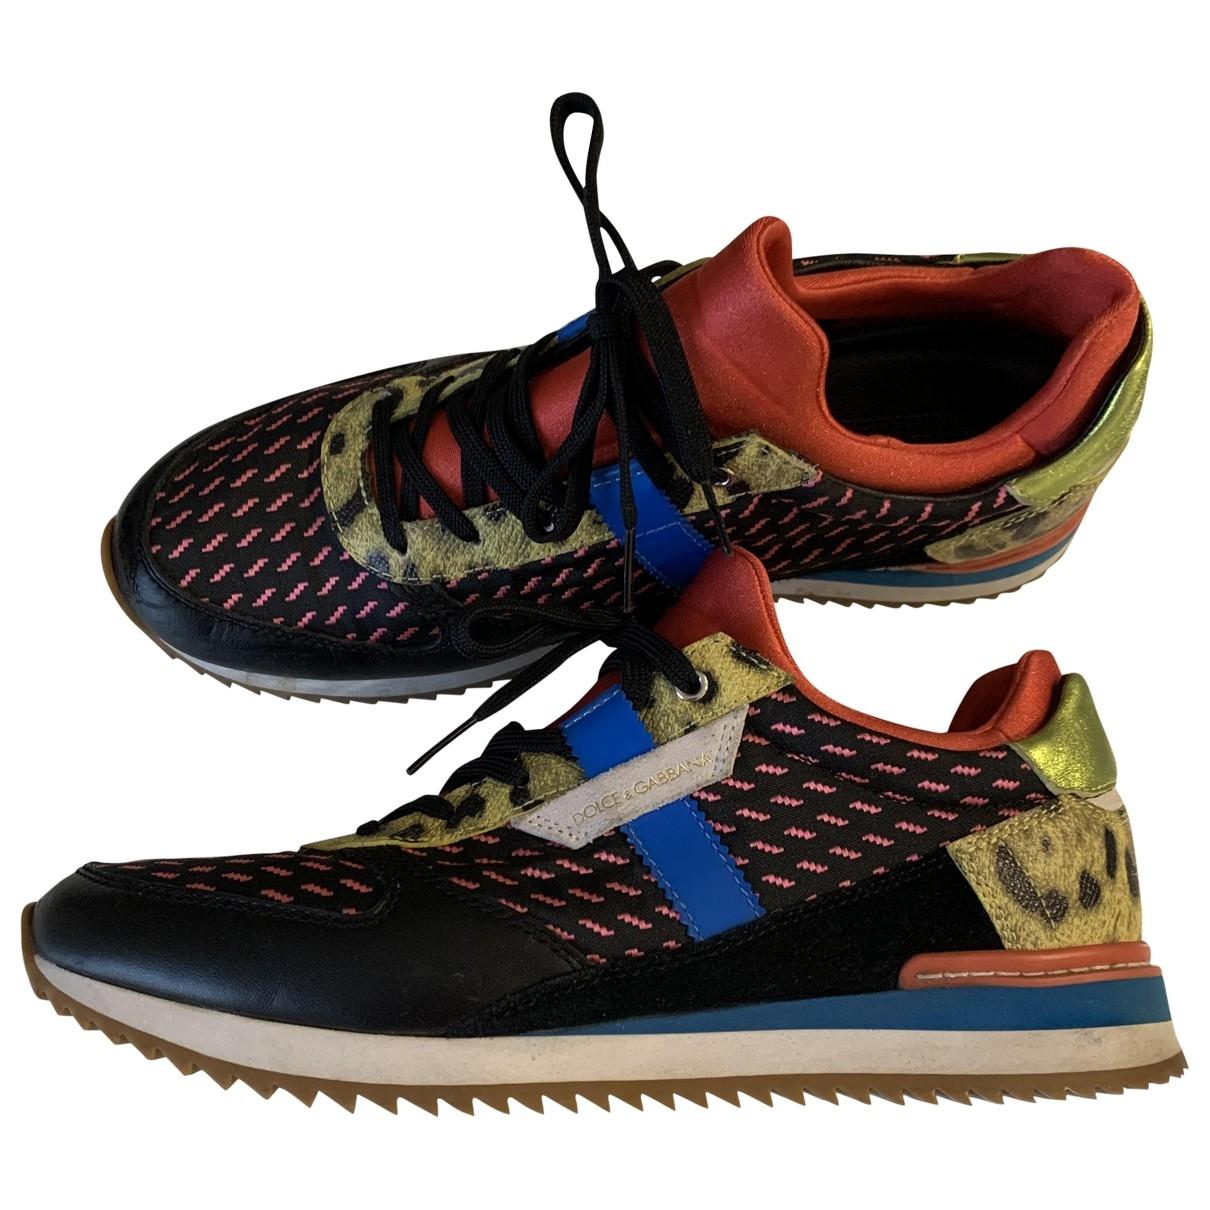 Dolce & Gabbana - Baskets   pour femme - multicolore